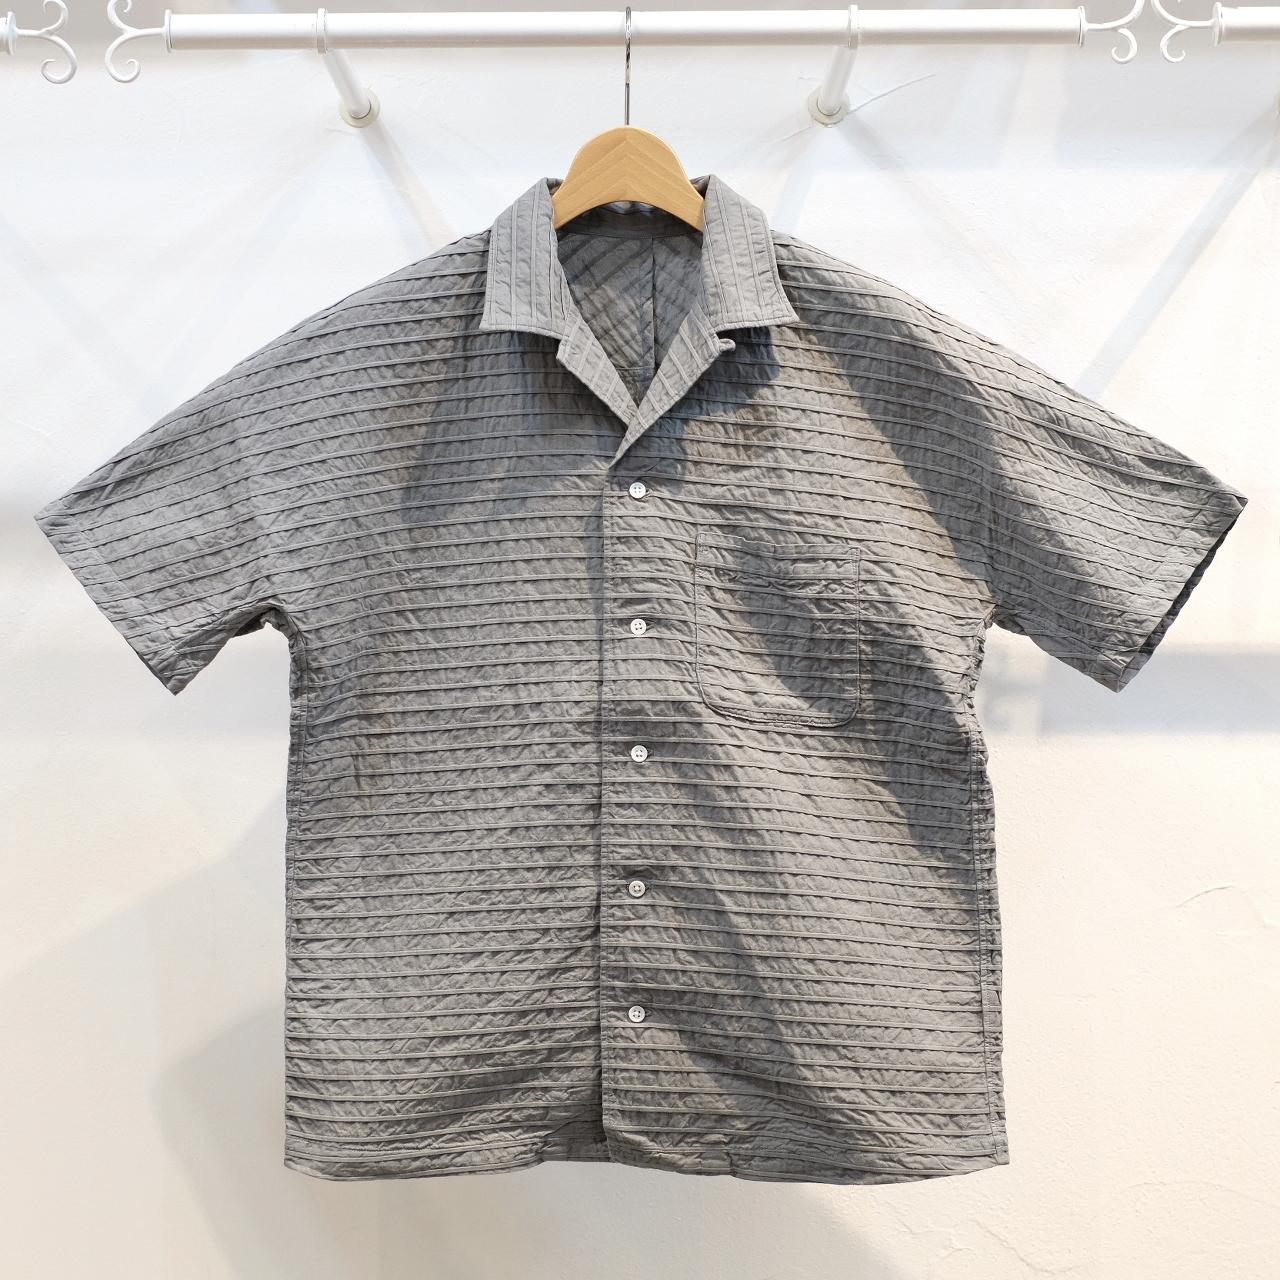 KUON(クオン) 織ピンタック 新万葉染半袖シャツ グレー